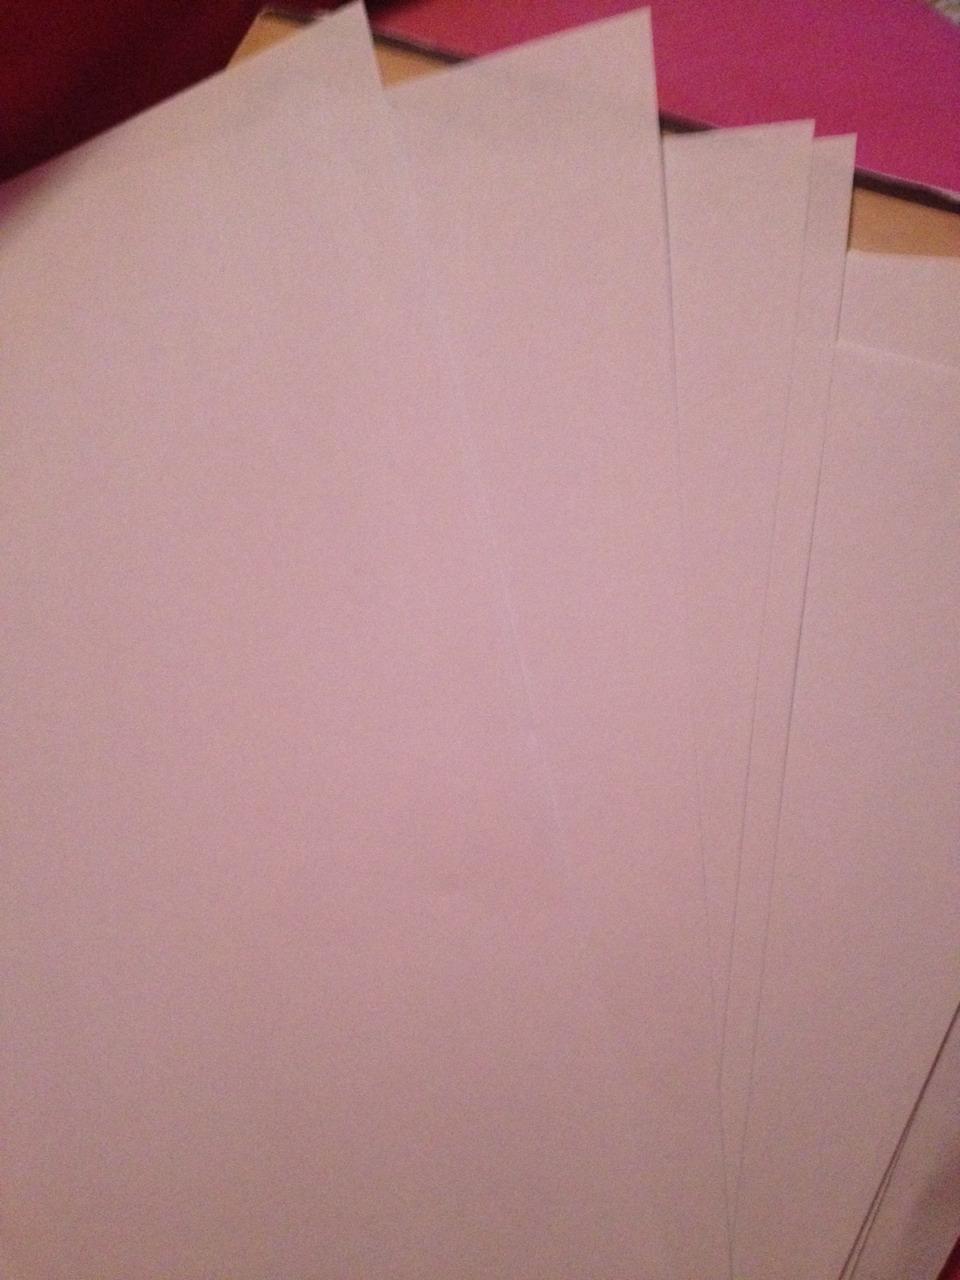 Get a good few sheets of paper